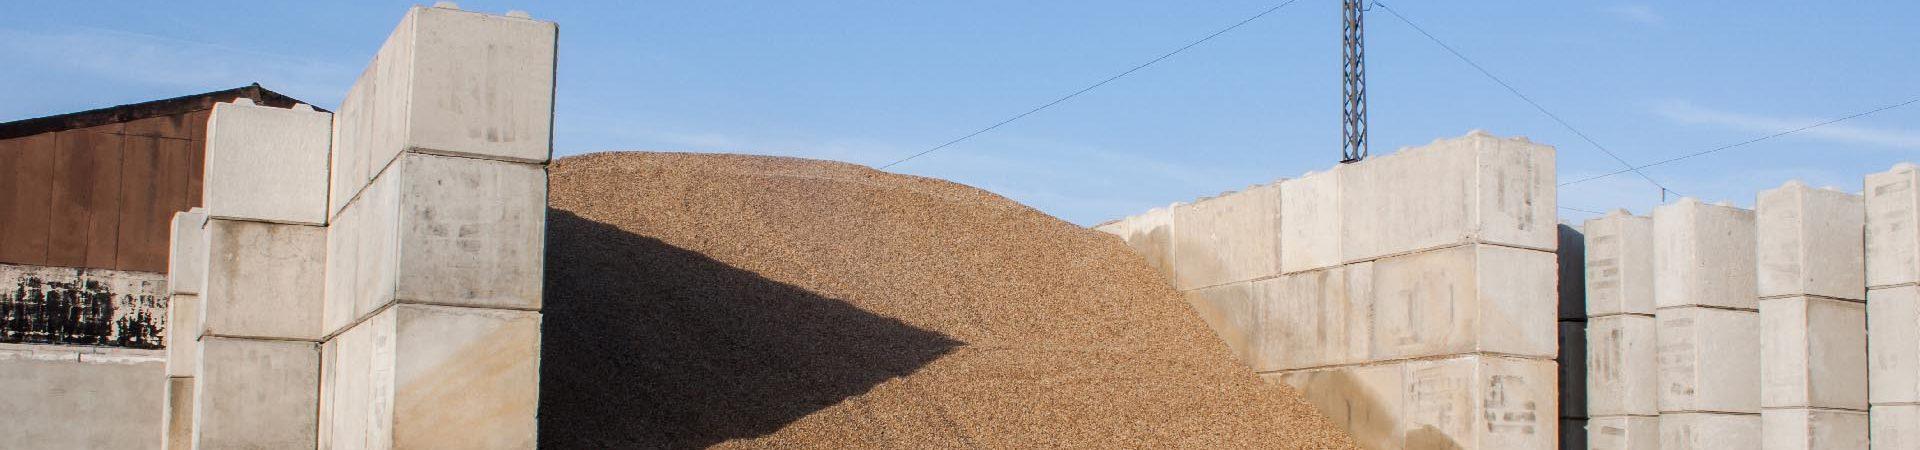 Bagger schaufelt Sand-Geröll-Gemisch bei blauem Himmel